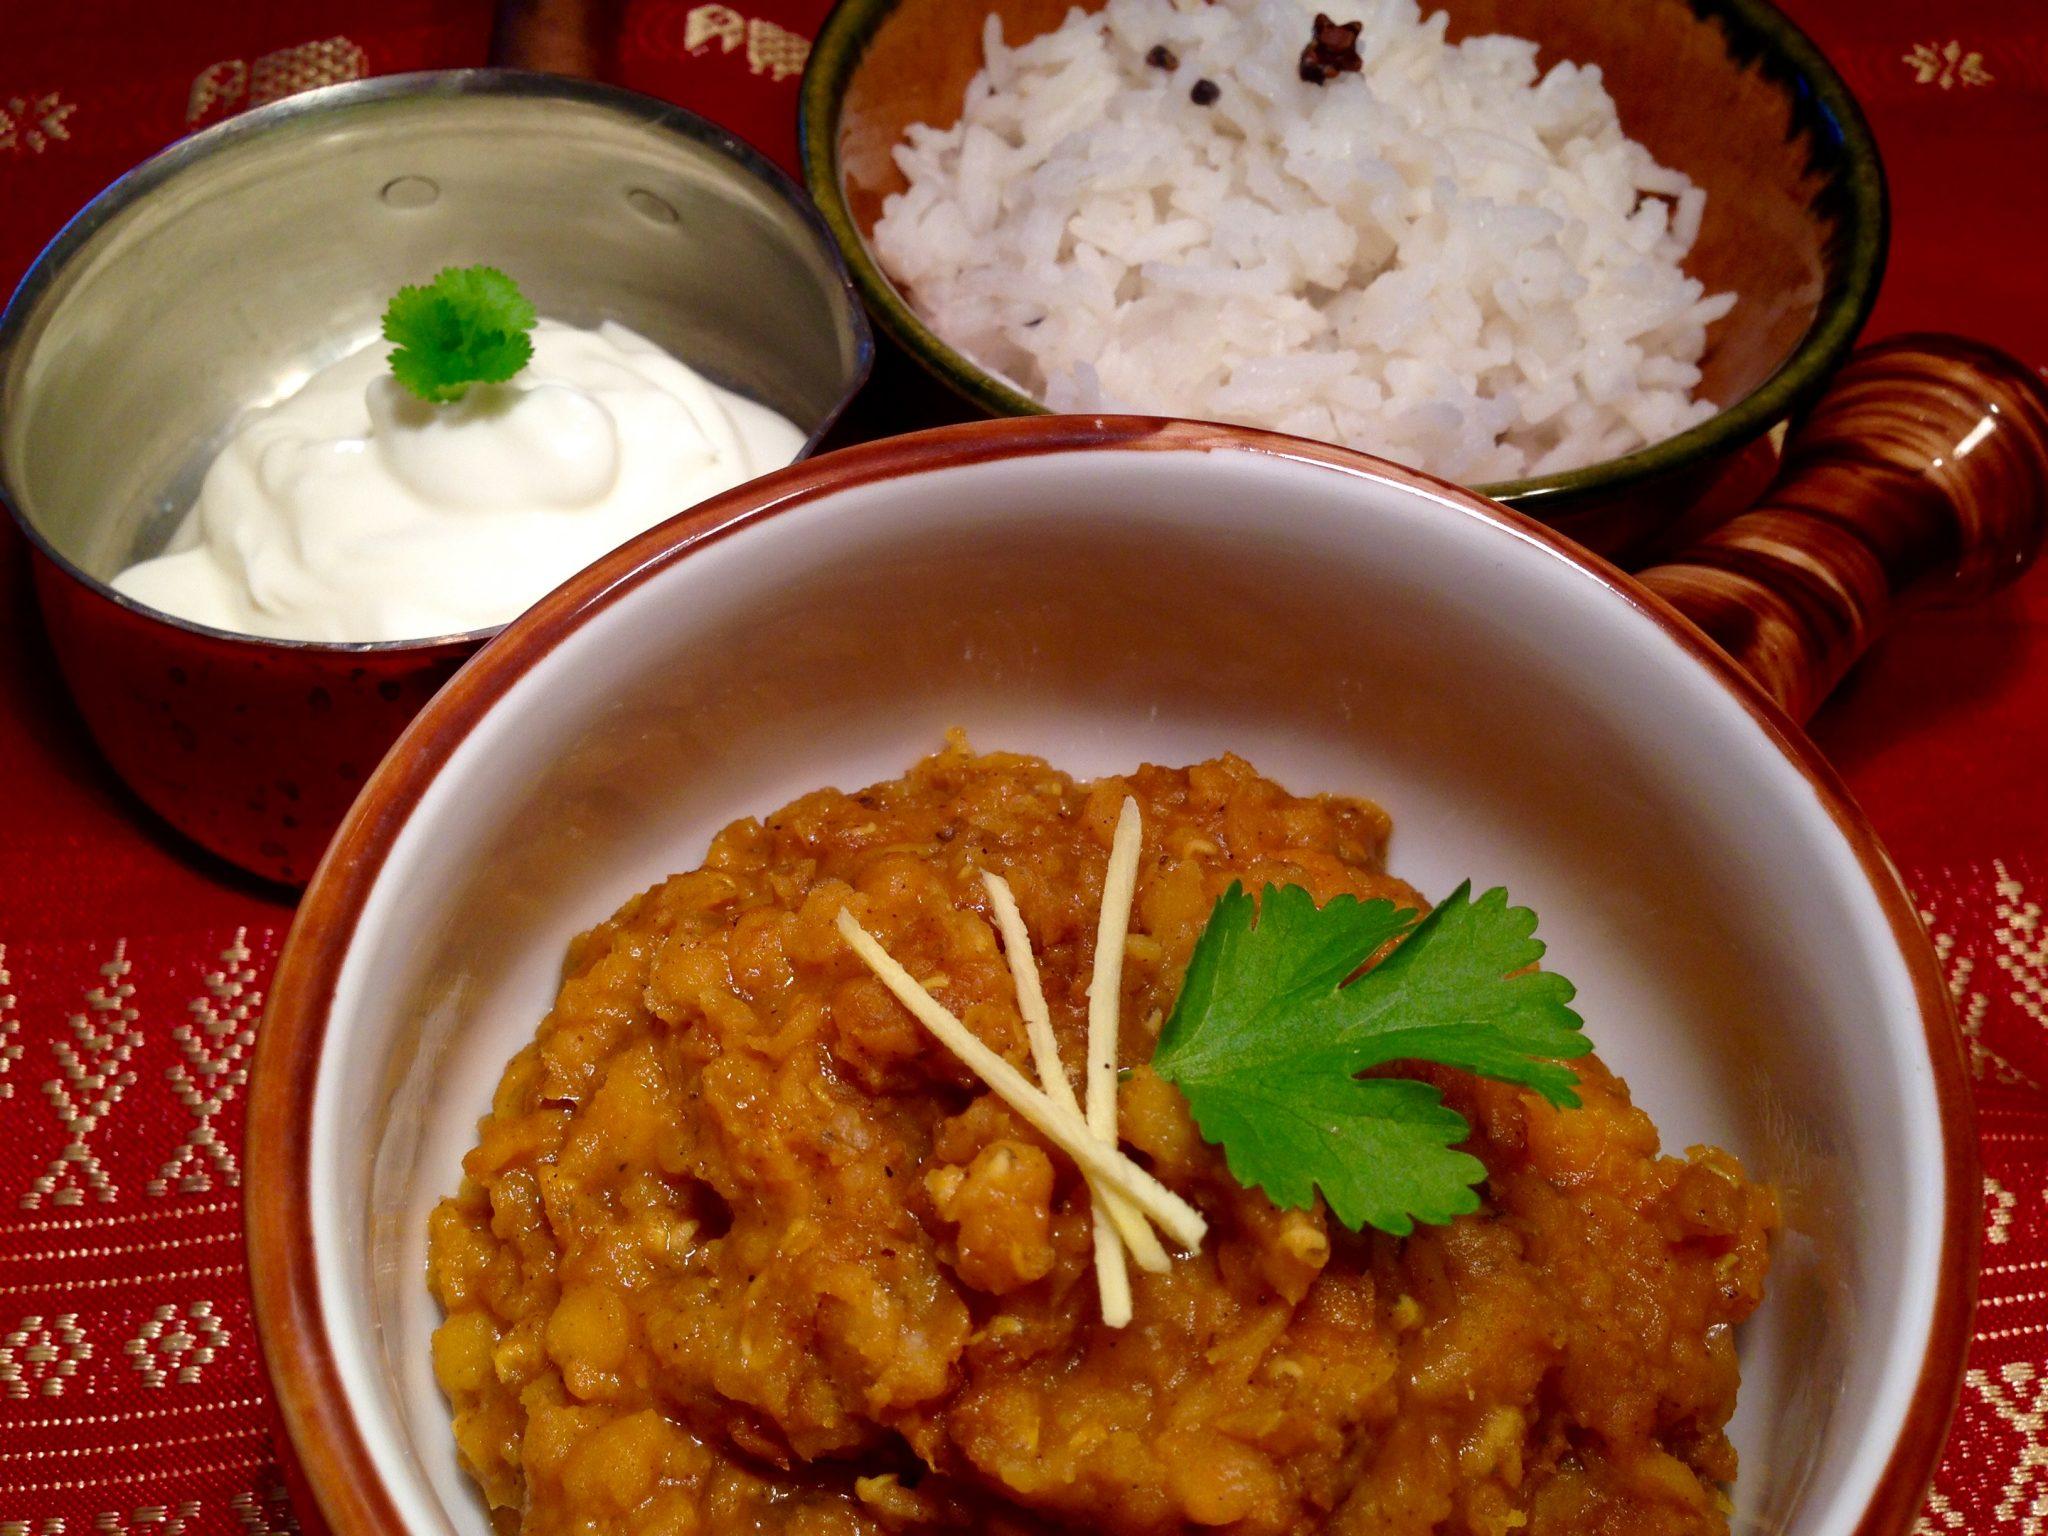 Dal - ein leckeres Linsengericht